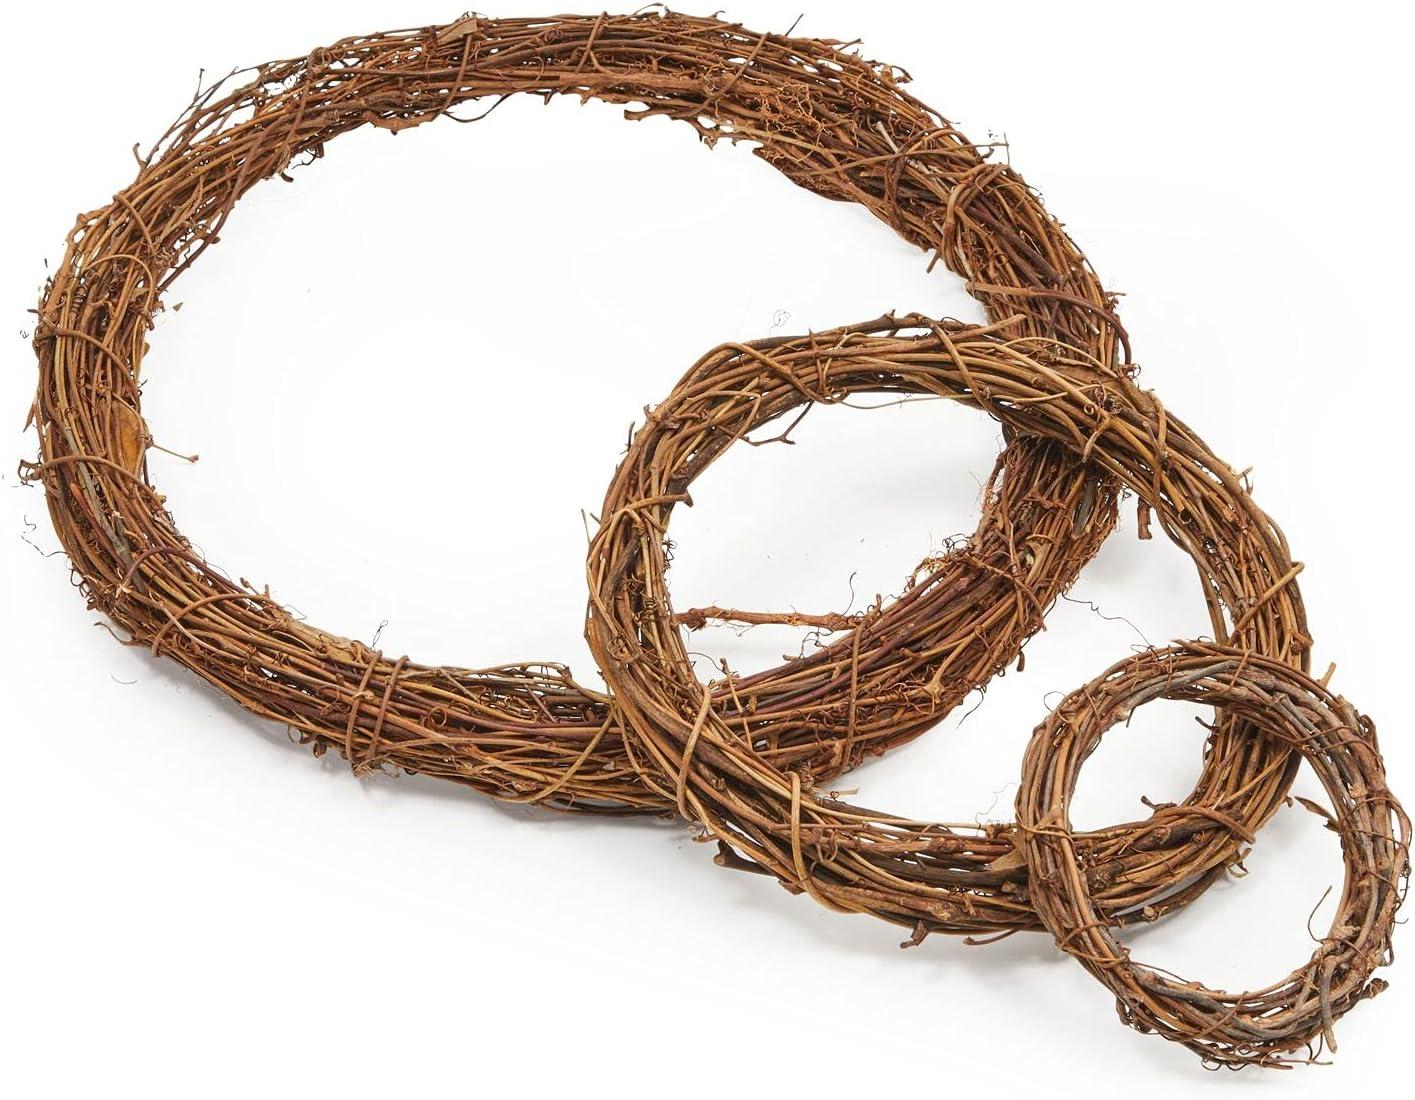 Grapevine Wreath Set, Vine Branch Farmhouse Decor for Crafts (3 Sizes, 3 Pack)